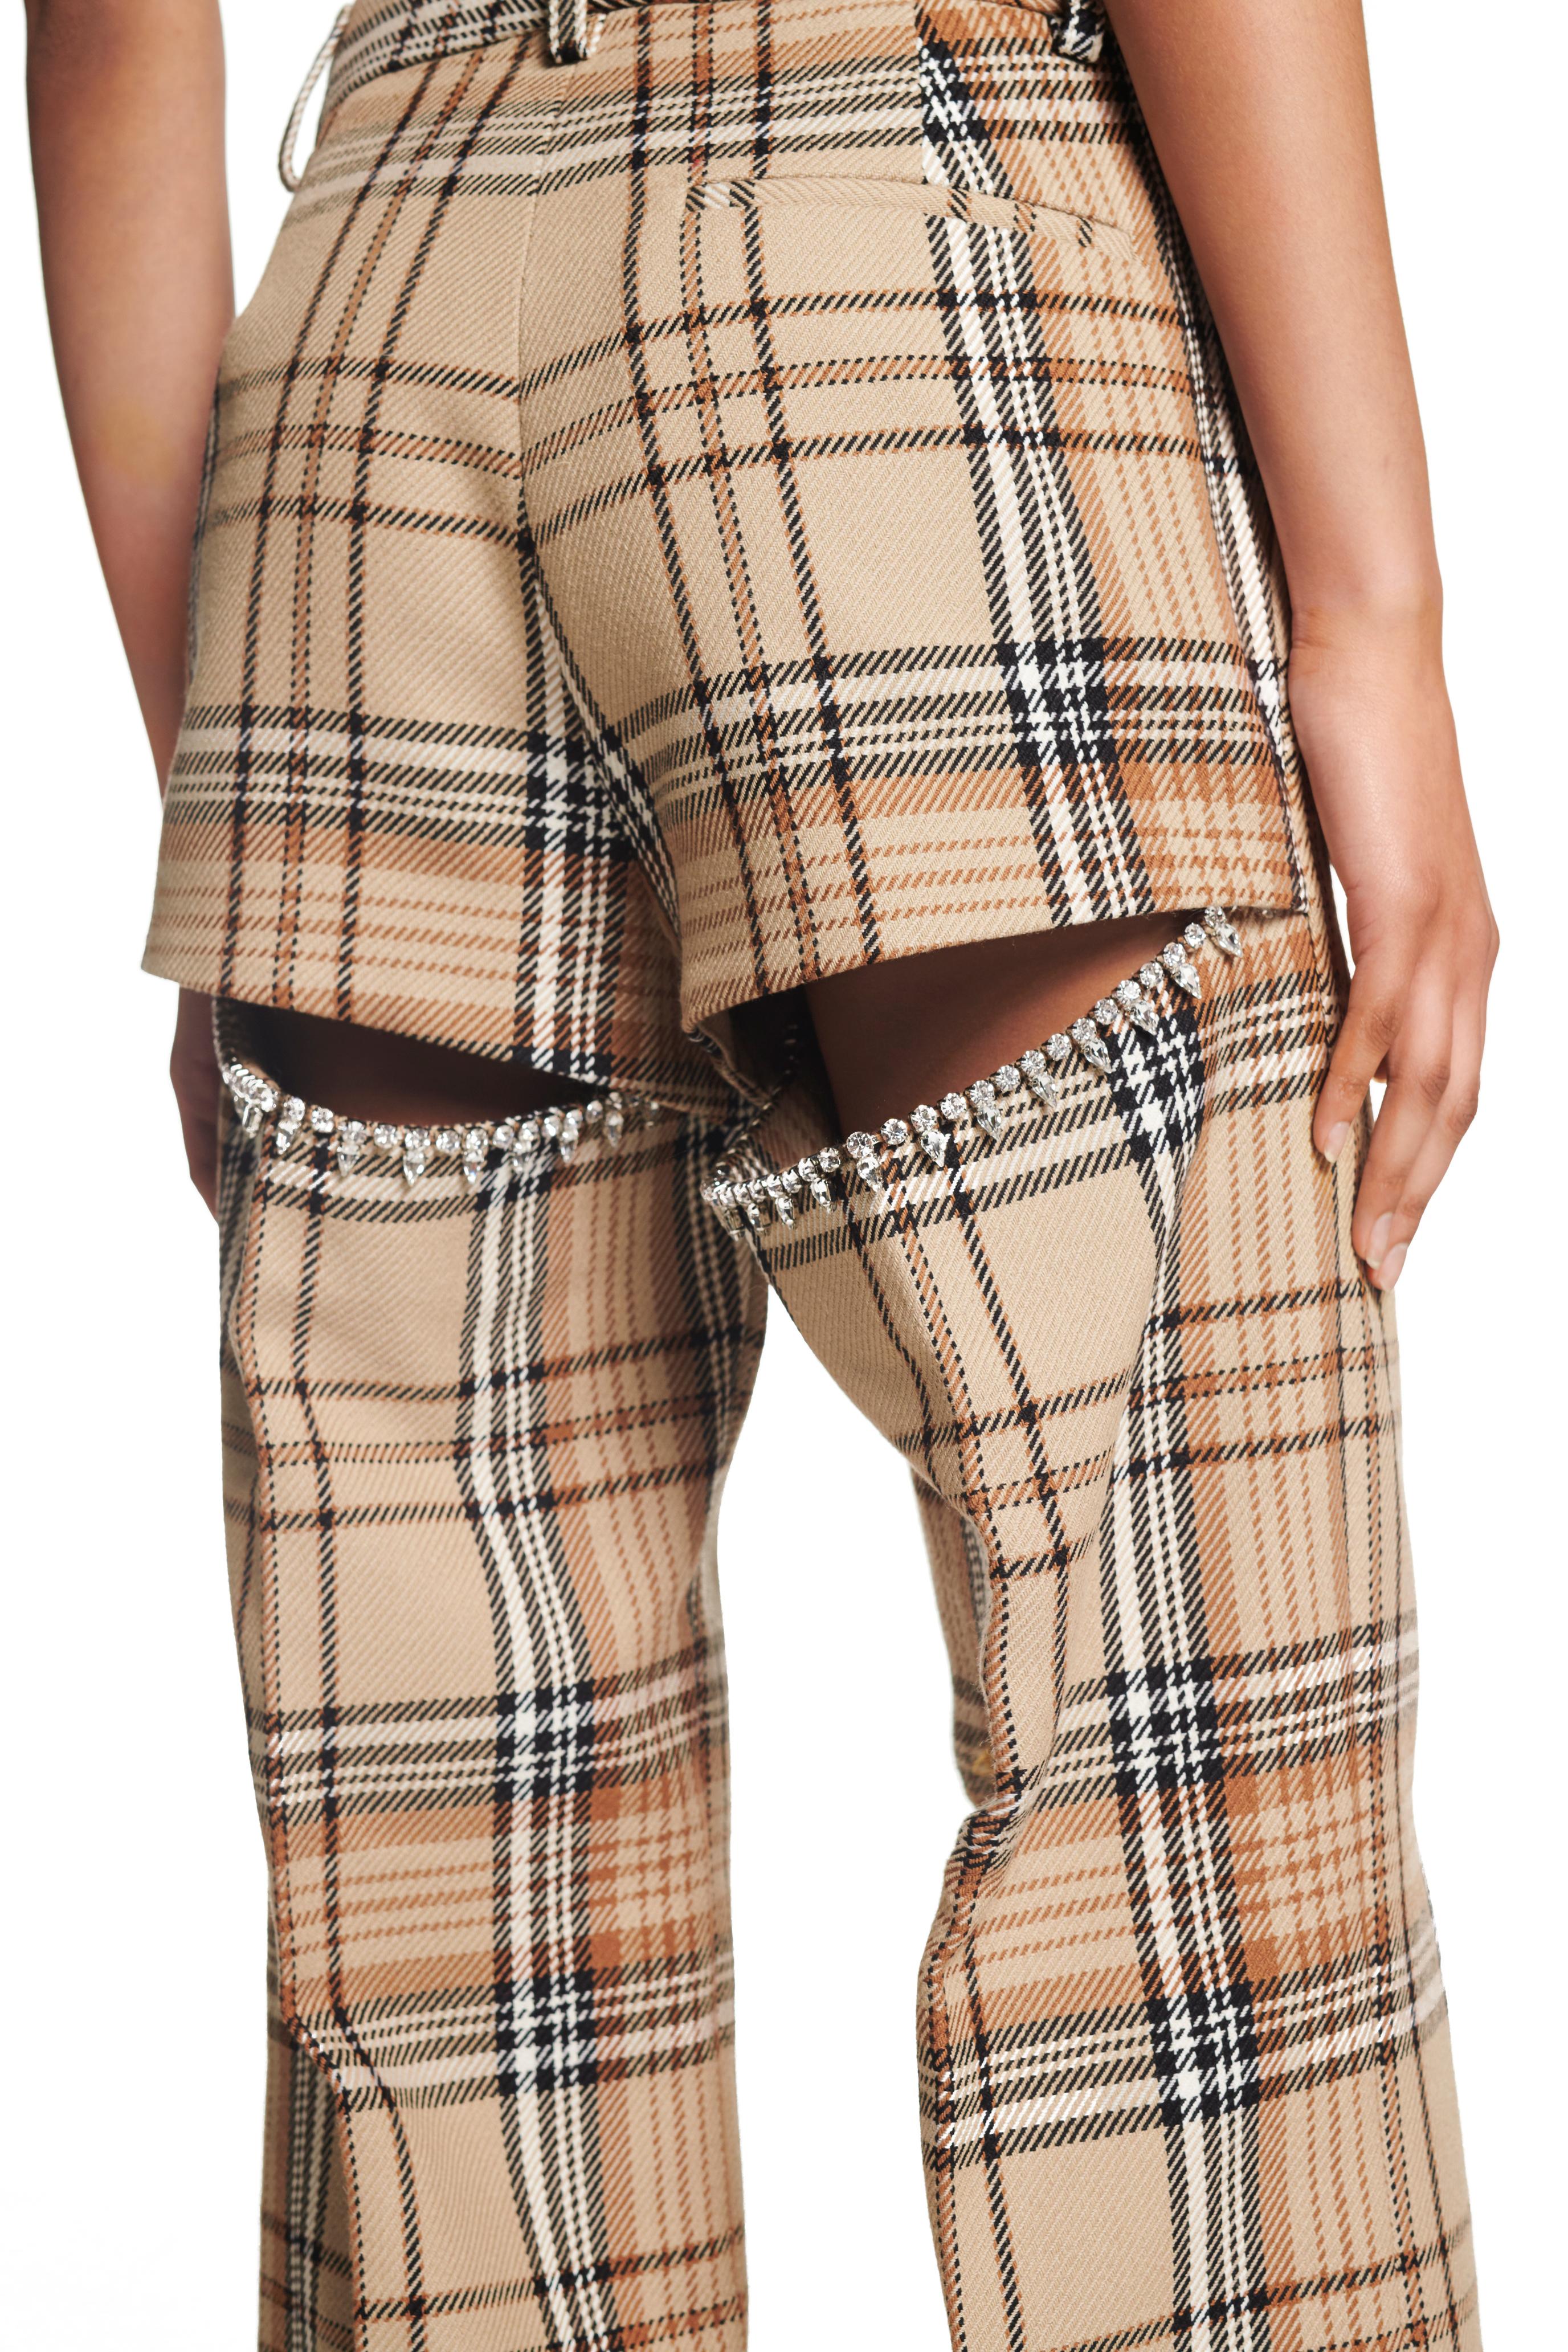 Crystal Slit Trouser